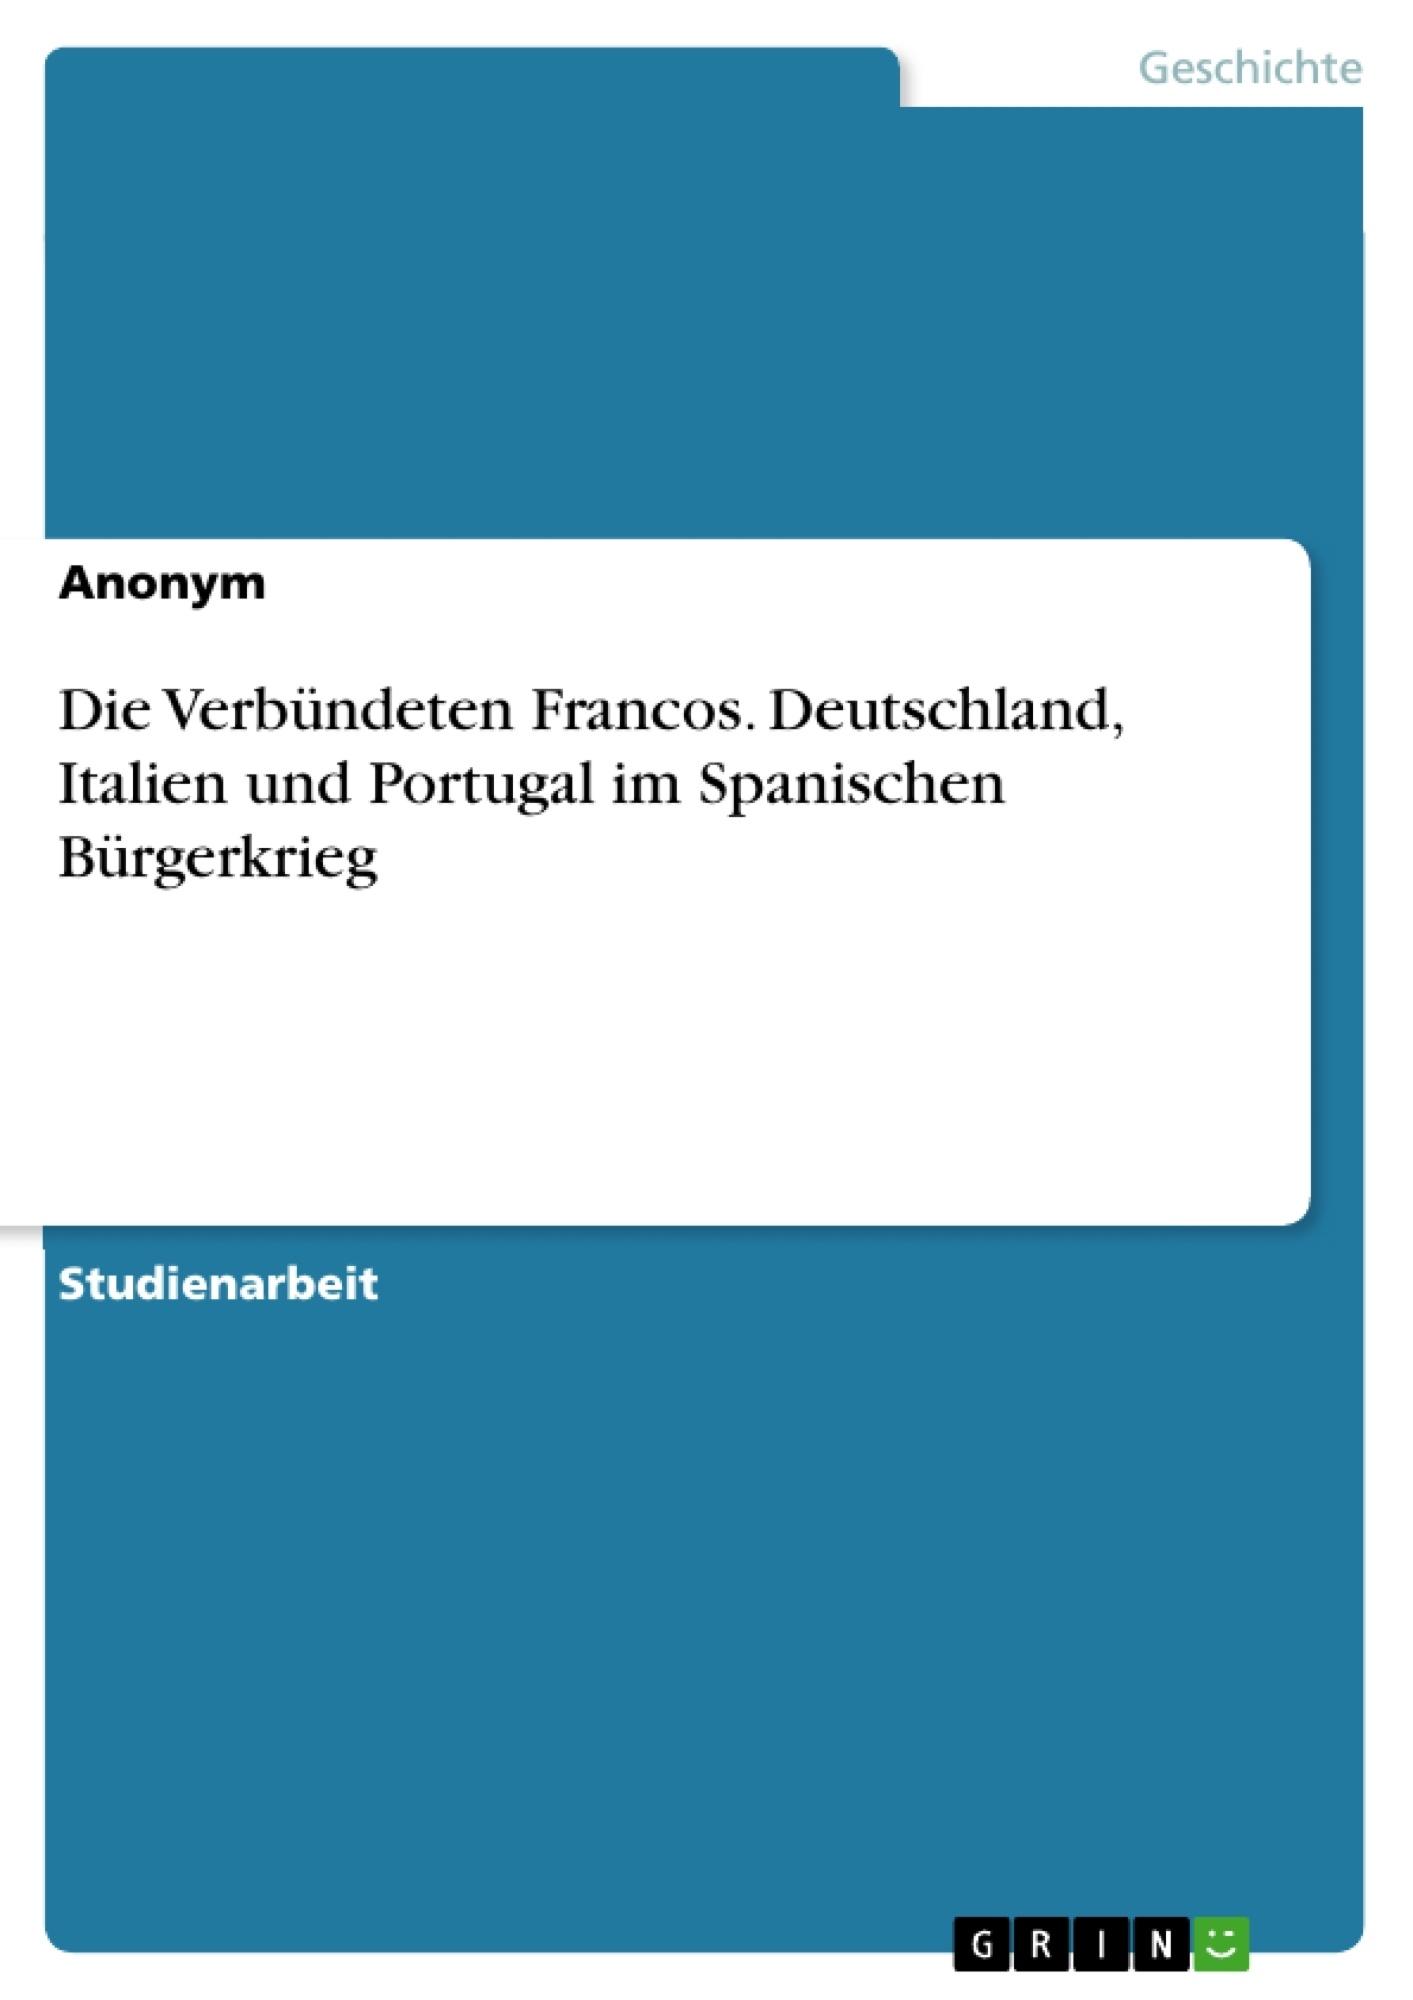 Titel: Die Verbündeten Francos. Deutschland, Italien und Portugal im Spanischen Bürgerkrieg